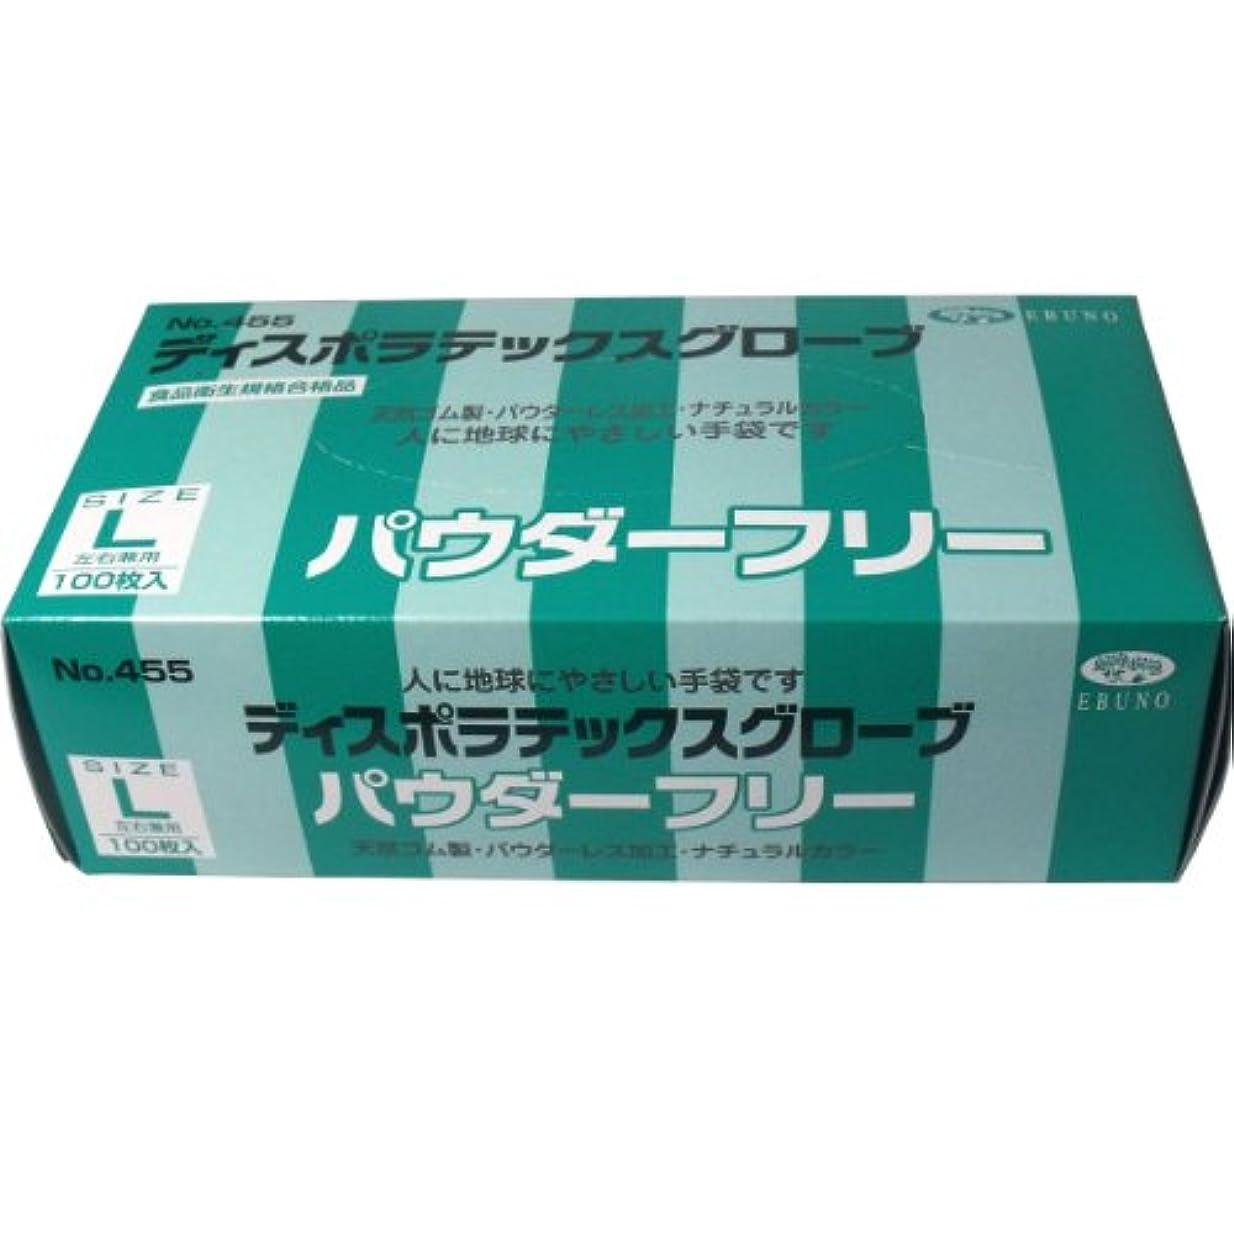 アラーム確認するぼかすディスポ ラテックスグローブ(天然ゴム手袋) パウダーフリー Lサイズ 100枚入(単品1個)